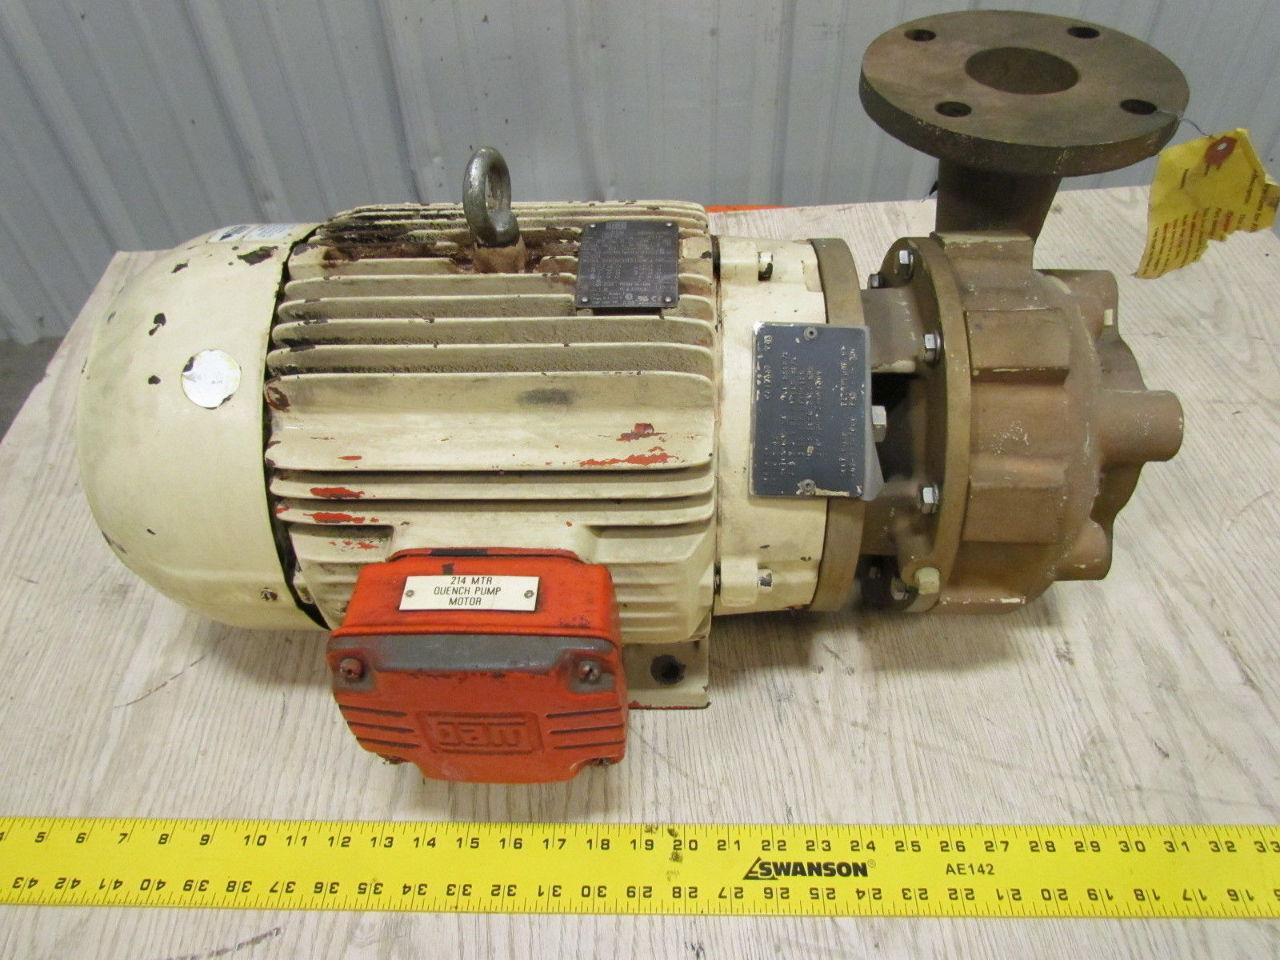 Scot Pump Model 54fb 10 Hp 3500 Rpm Centrifugal